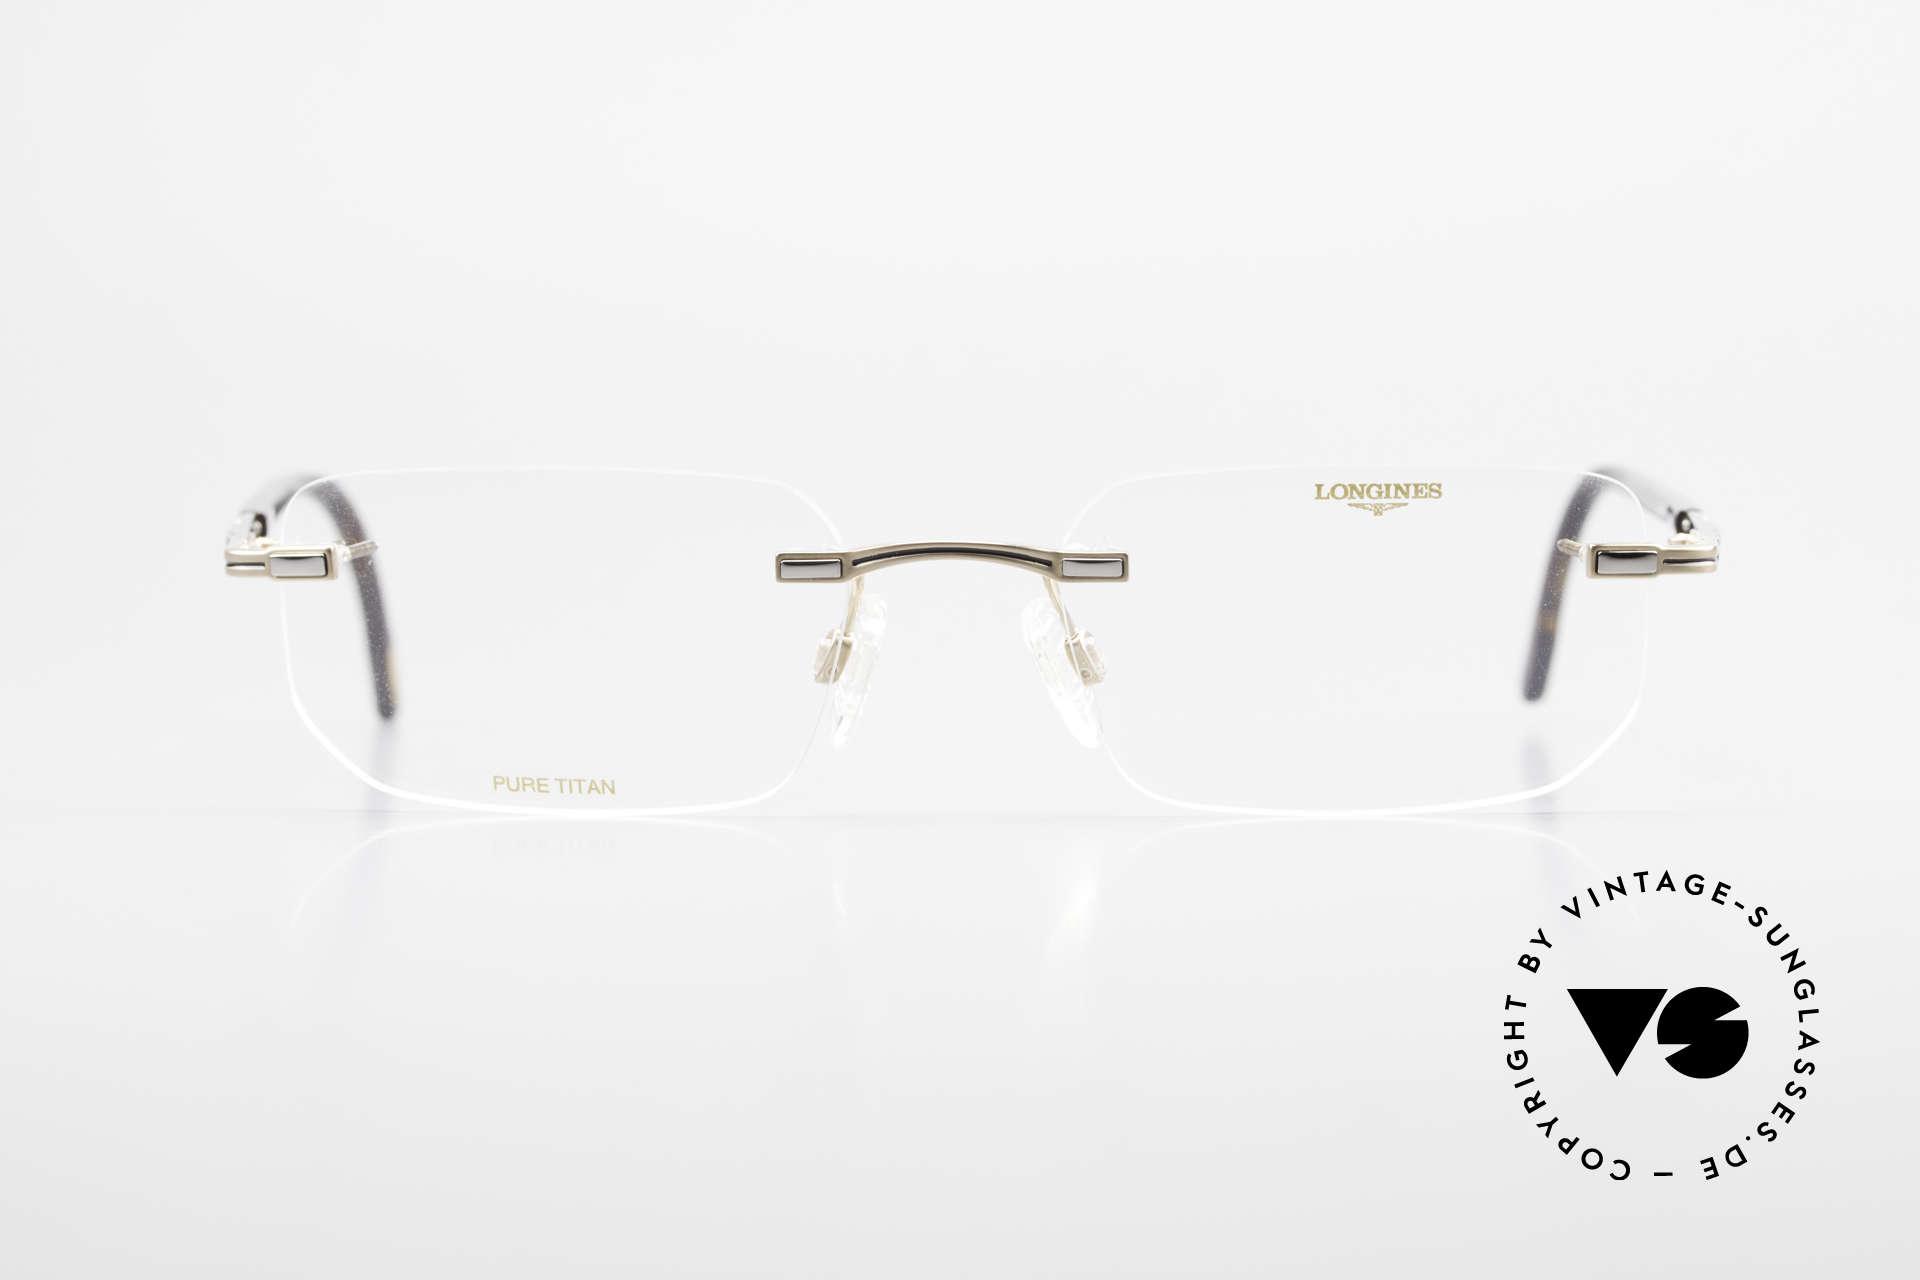 Longines 4238 90er Randlosbrille Pure Titan, komplette Fassung mit vielen kleinen Qualitäts-Details, Passend für Herren